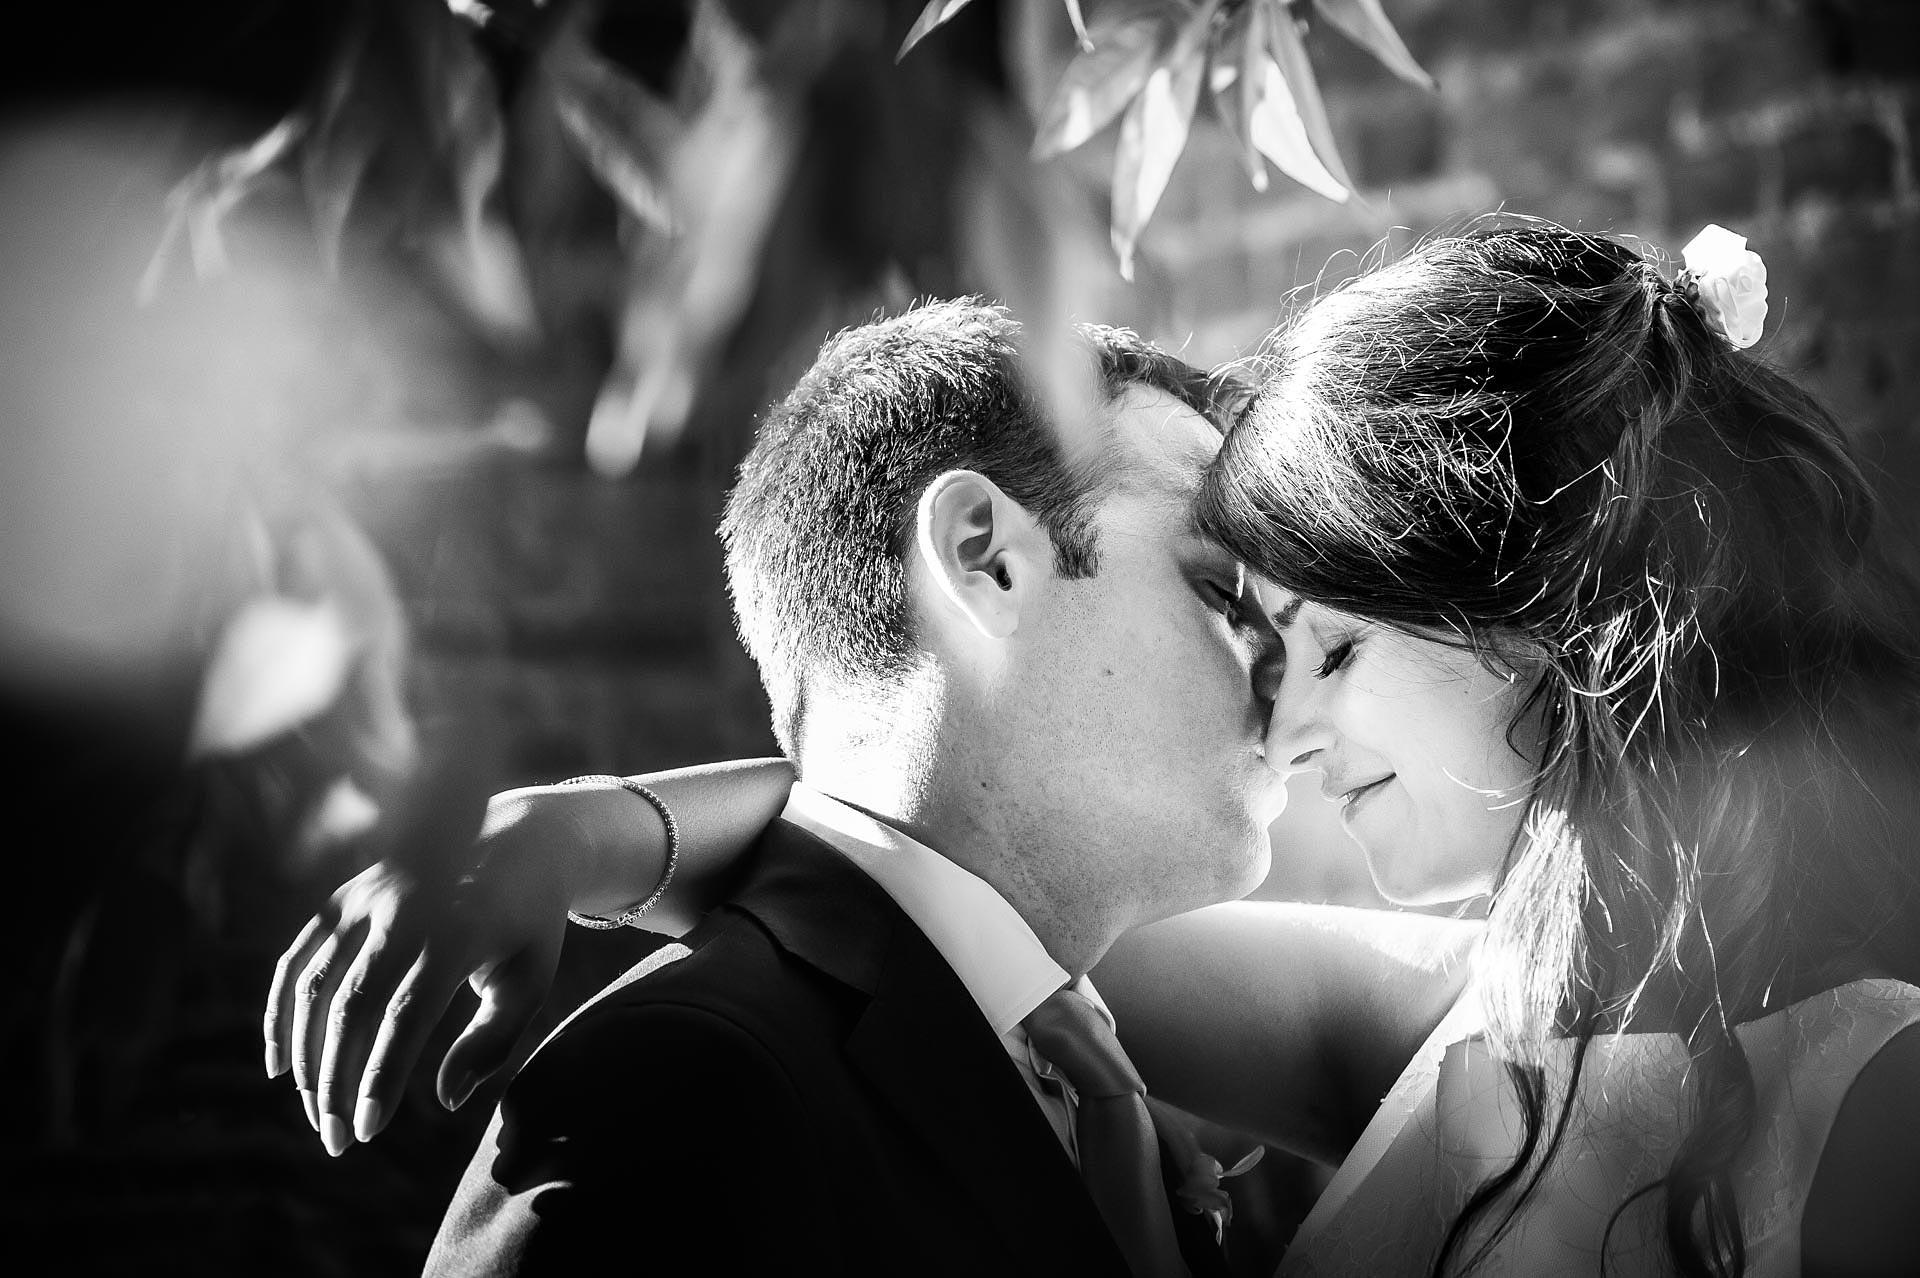 foto-ritratti-matrimonio-roma-2